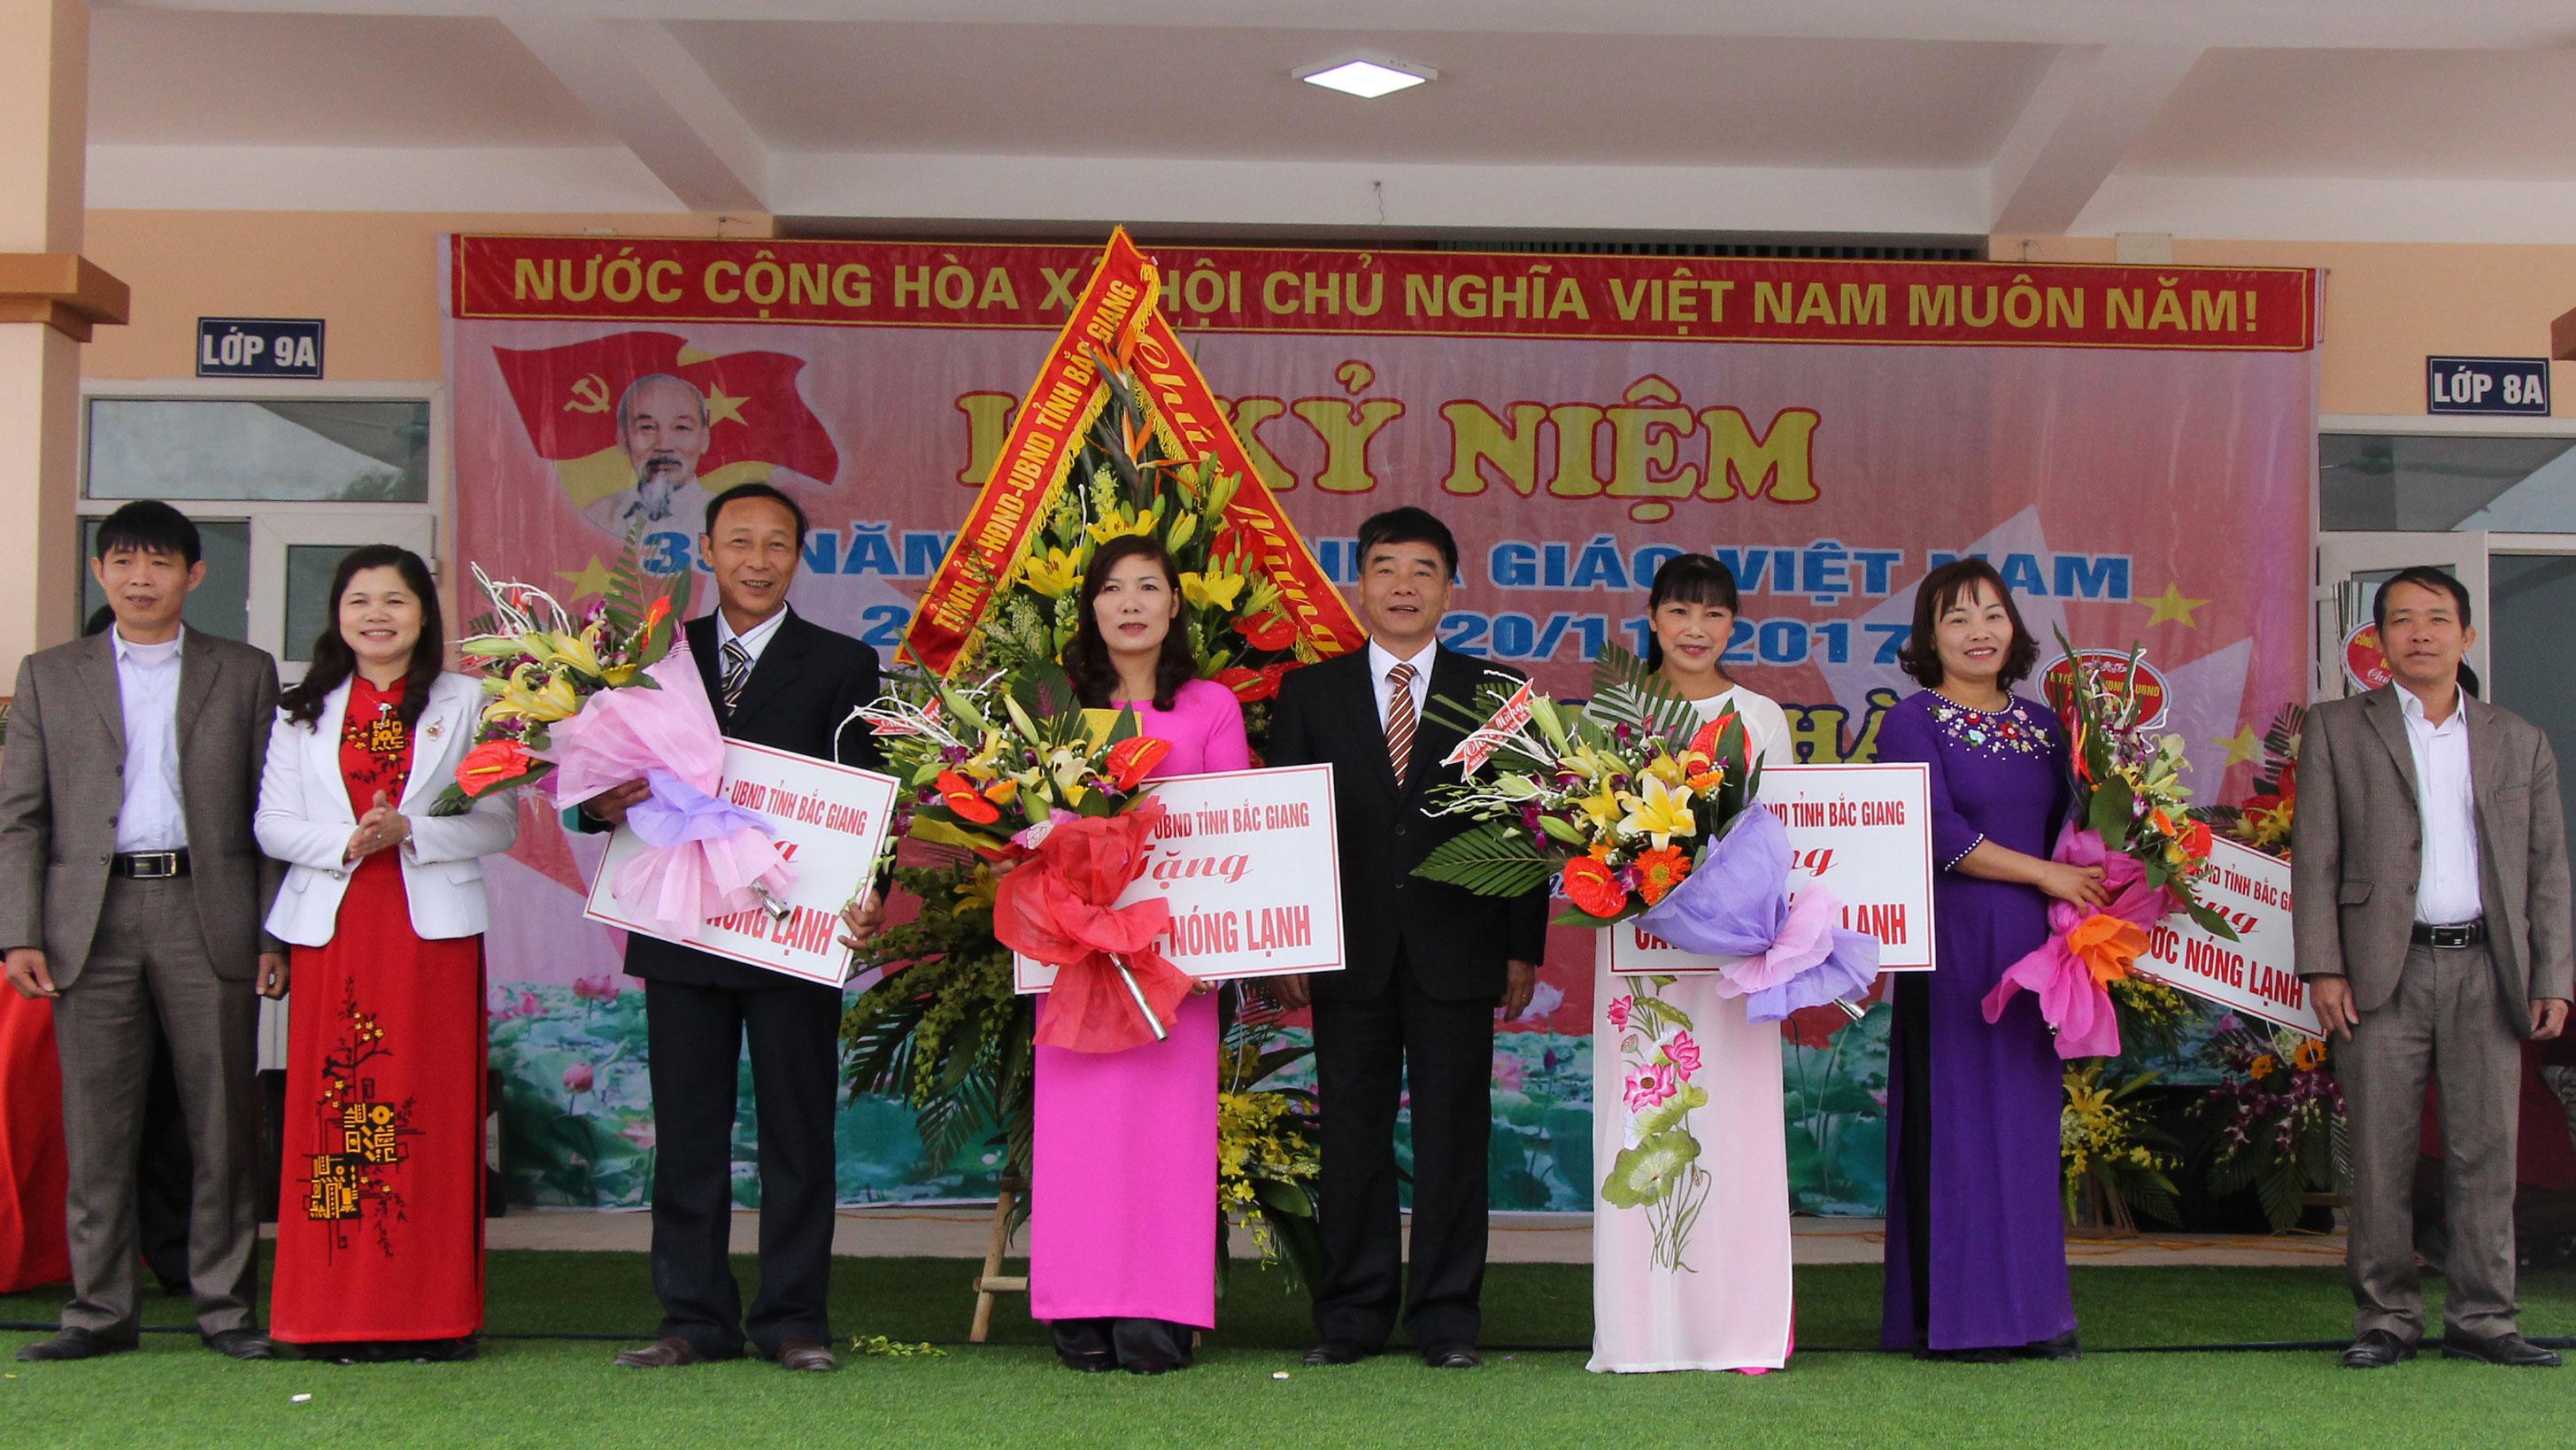 Chúc mừng Ngày nhà giáo Việt Nam tại xã An Dương (Tân Yên)